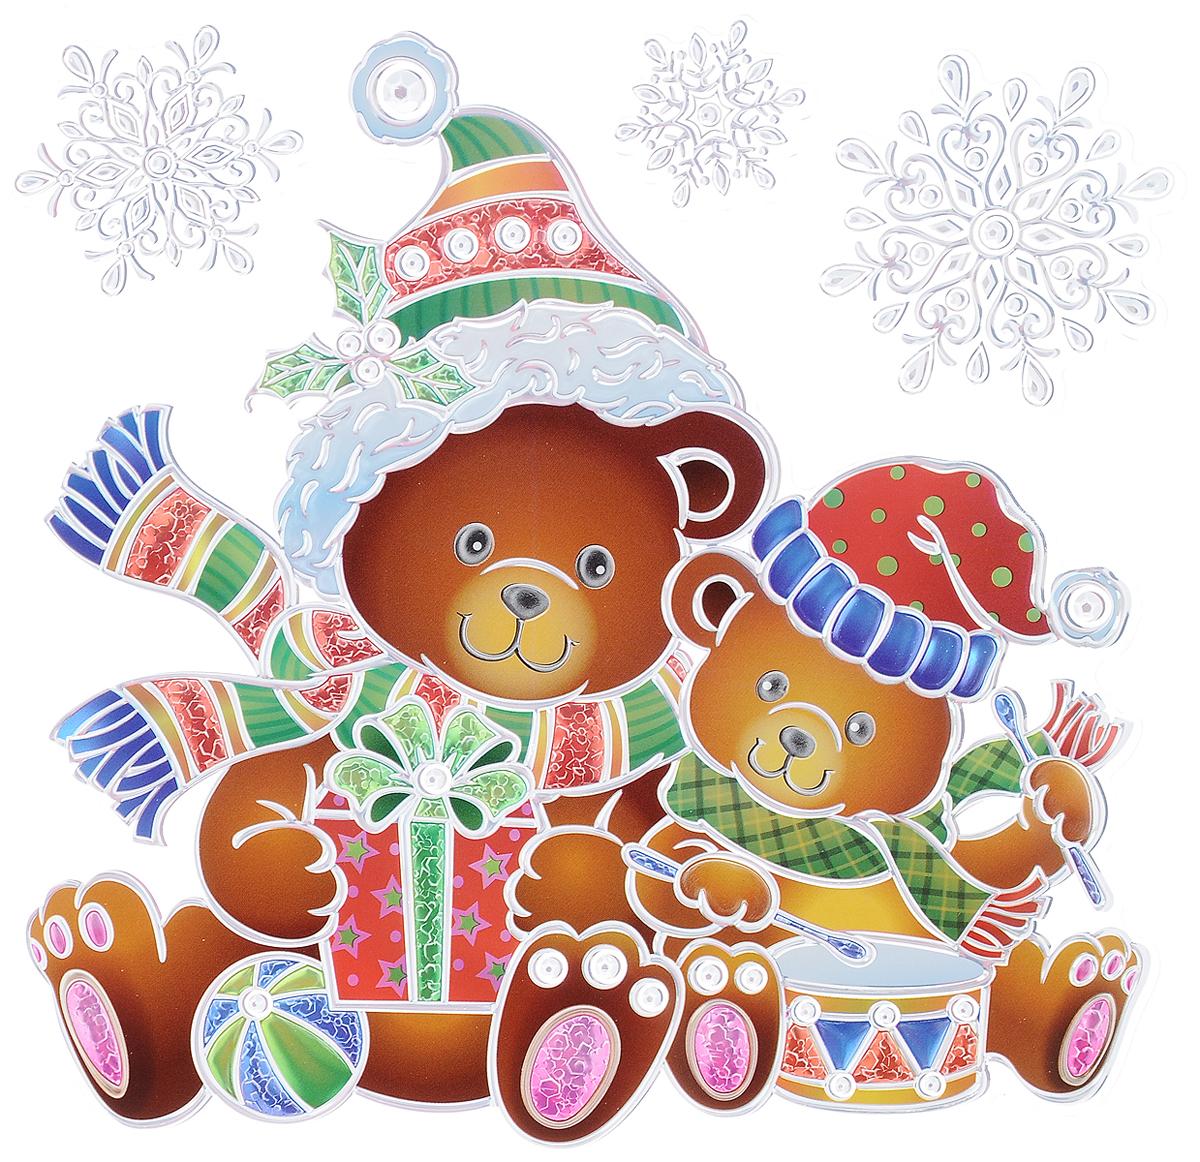 Украшение новогоднее оконное Winter Wings Мишки, 4 шт новогоднее оконное украшение room decoration подарки от деда мороза 18 см х 18 см 3 листа